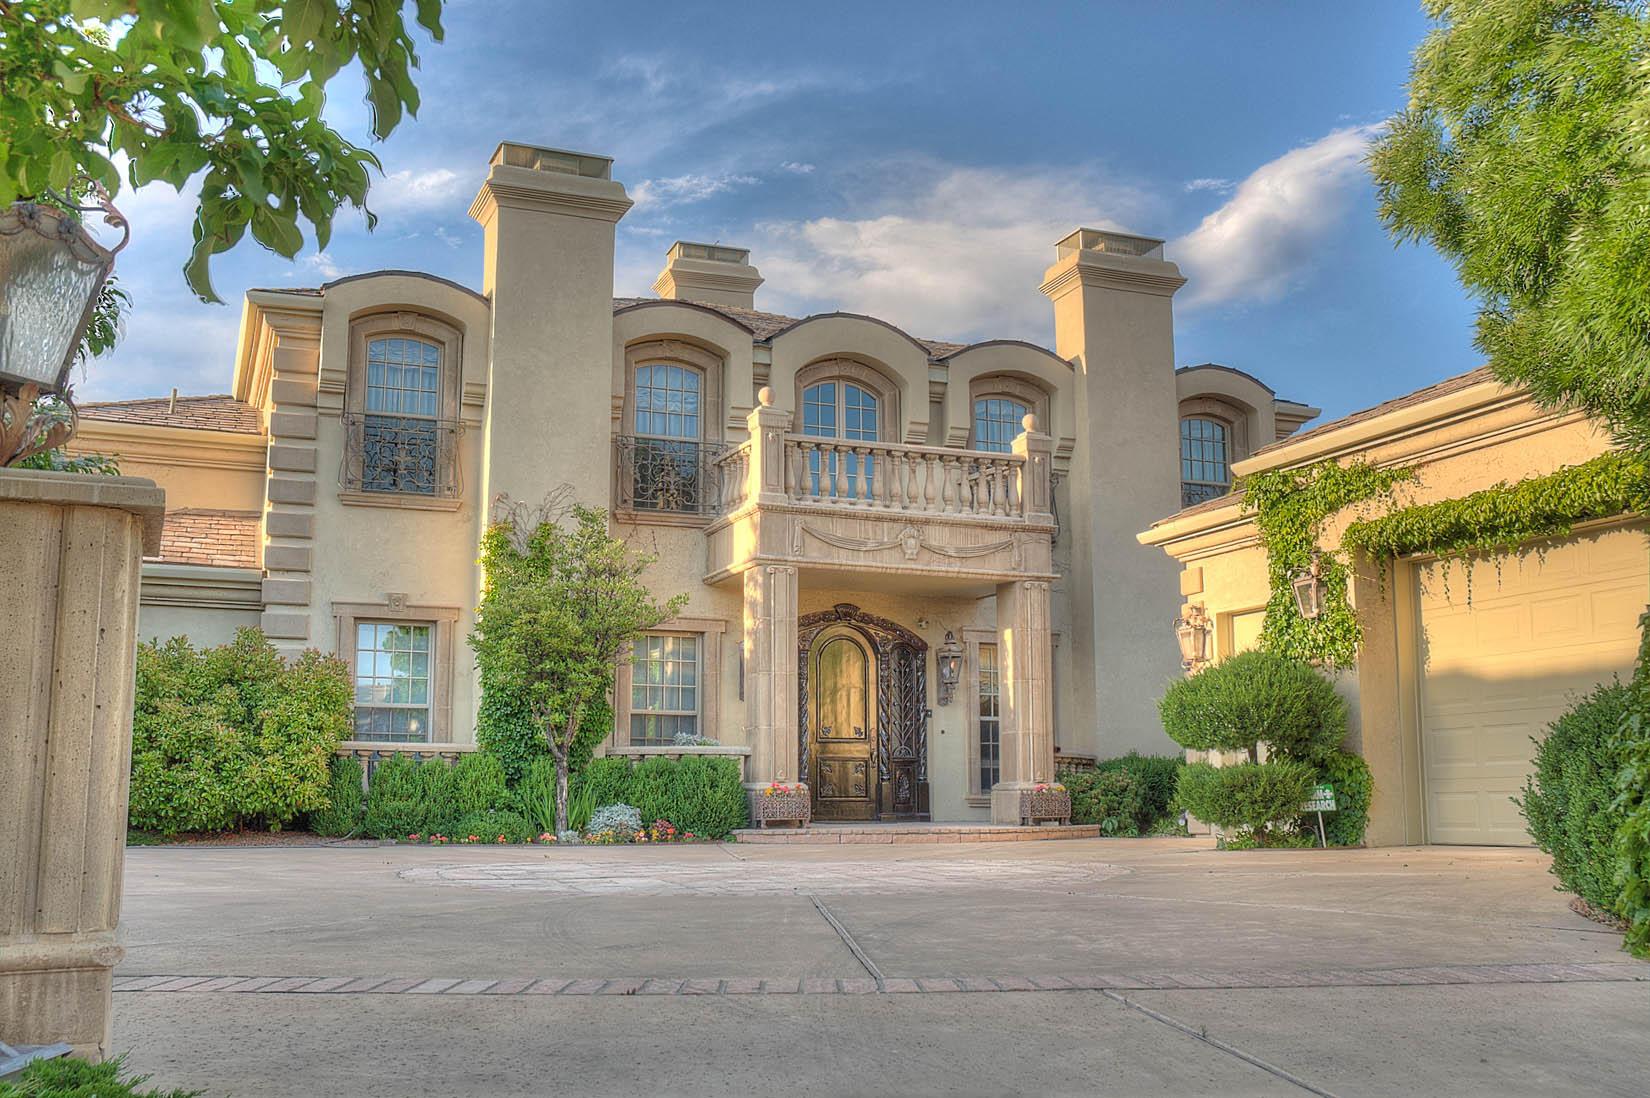 Photo of Inverness Court NE, Albuquerque, NM 87111